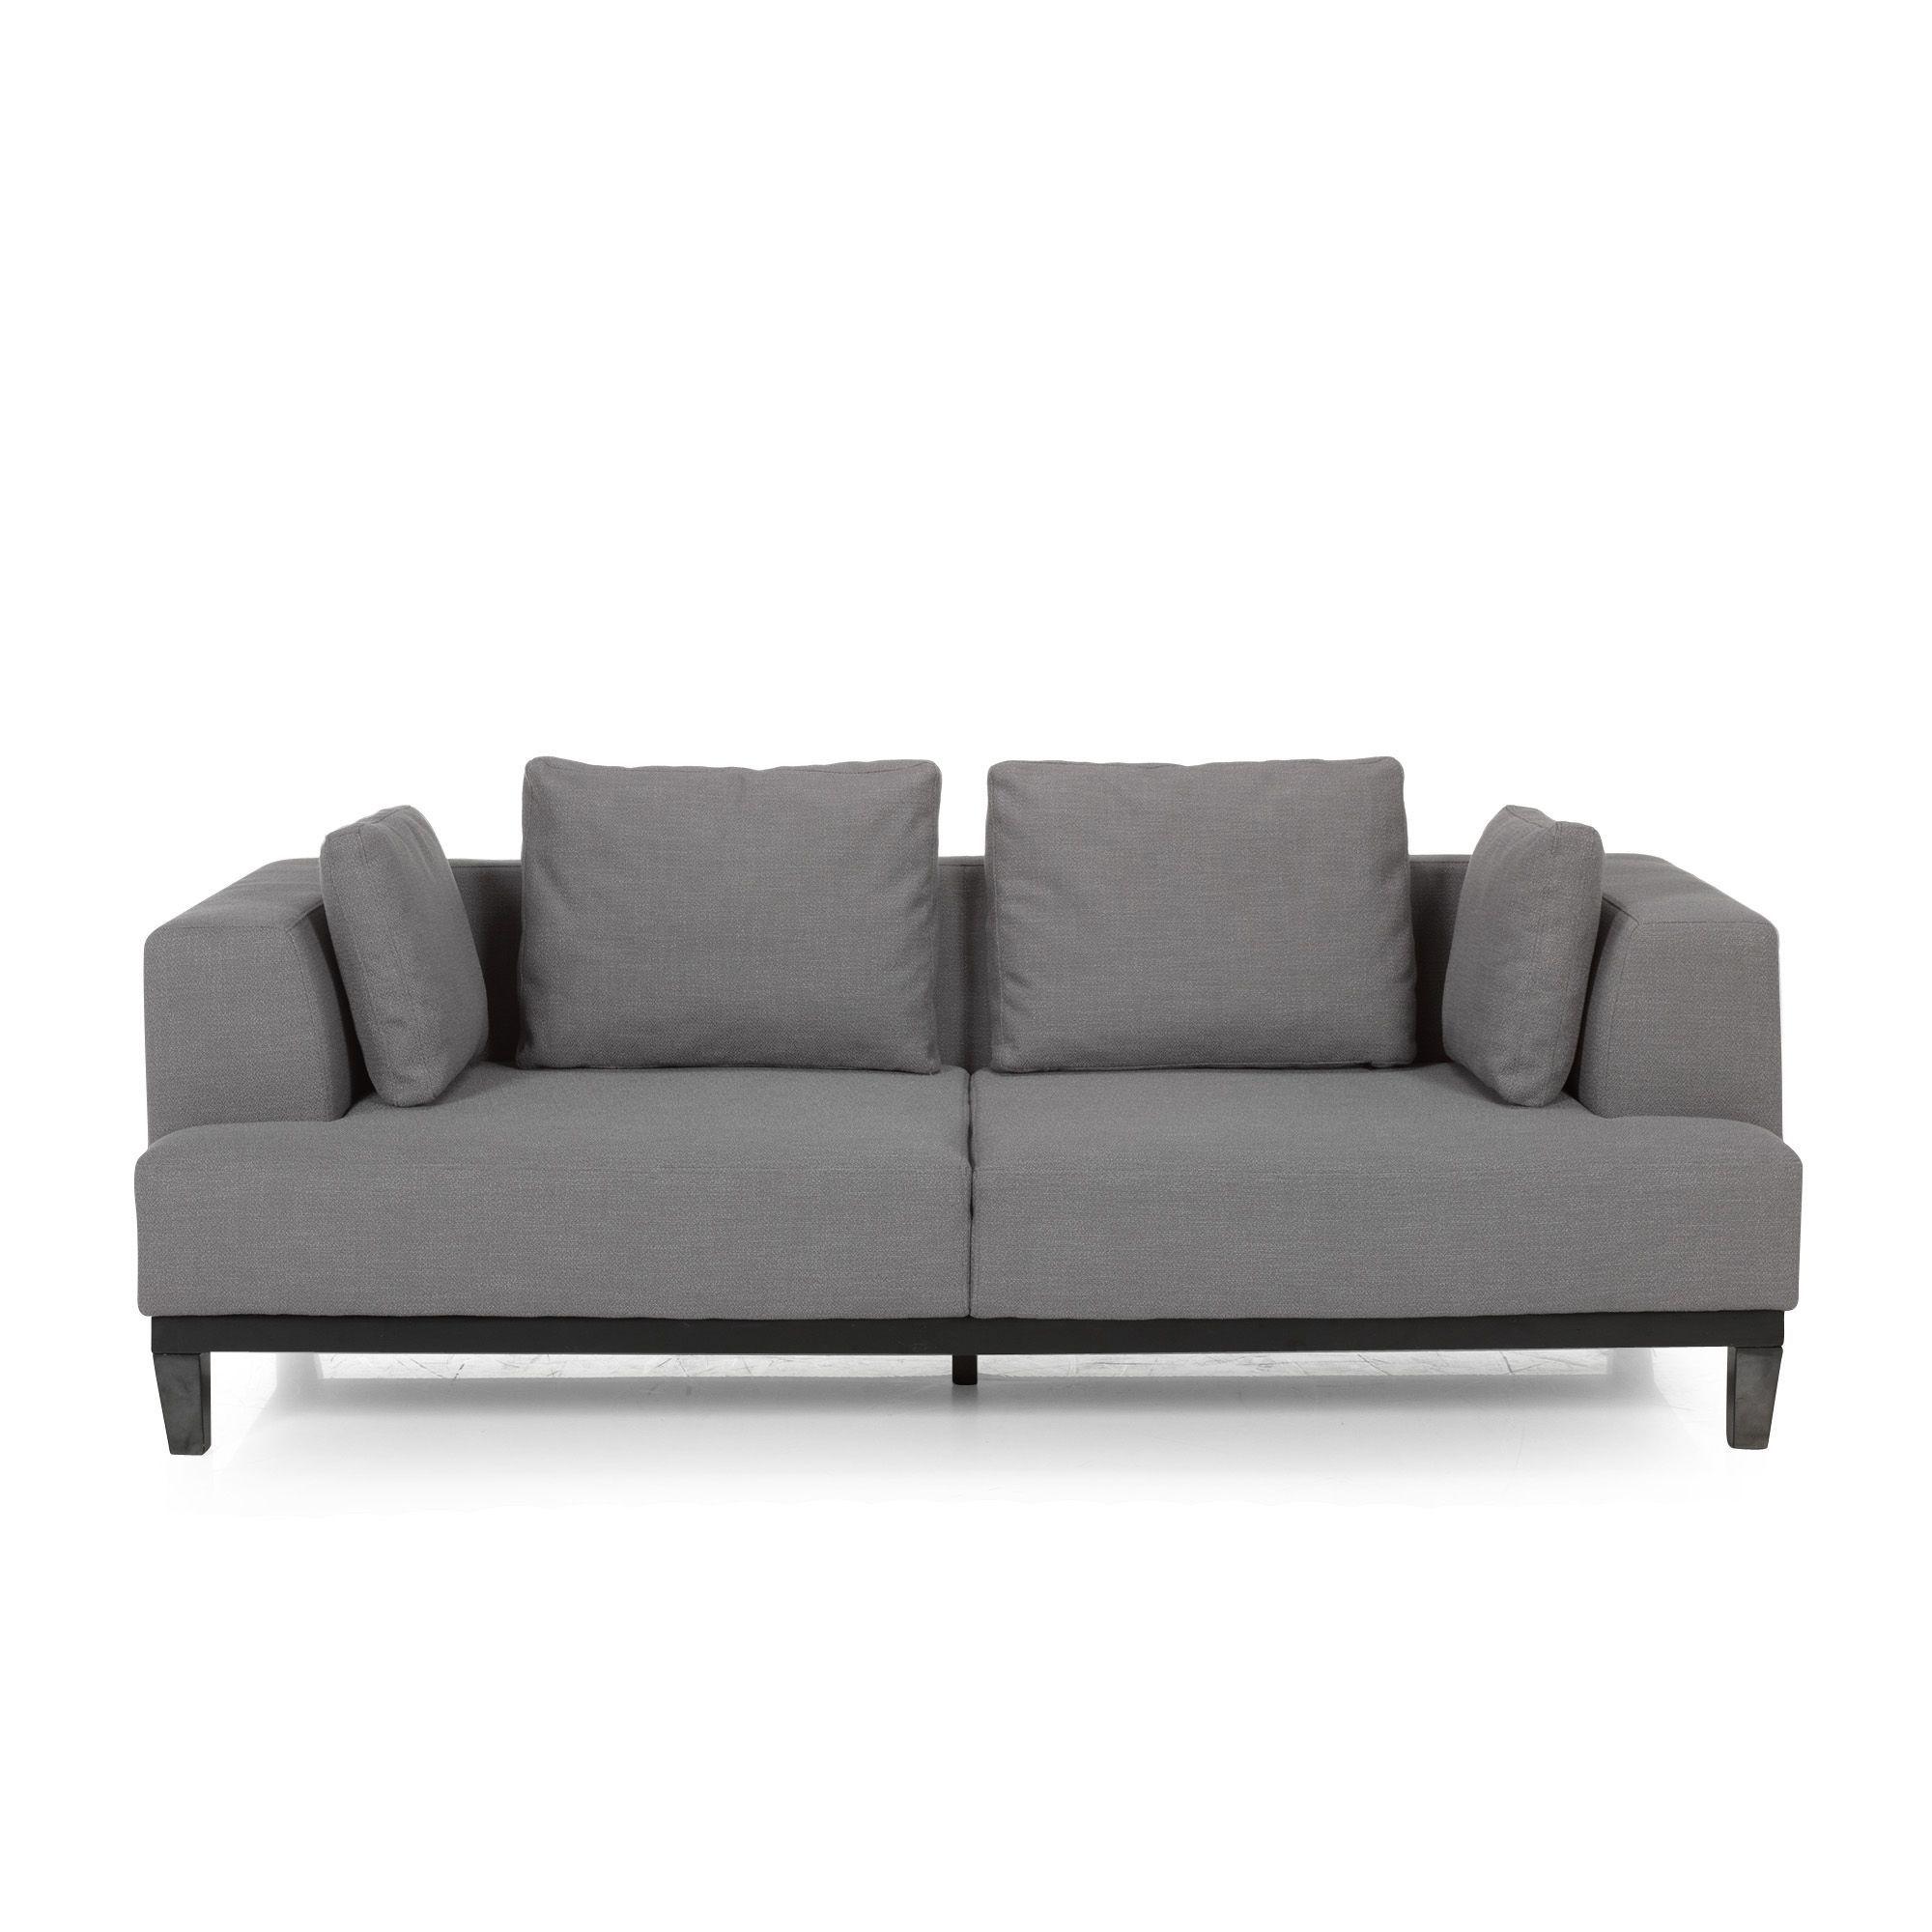 Canapé Places Fixe Avec Assise Et Coussin à Mémoire De Forme Gris - Canapé 3 places pour déco d intérieur maison